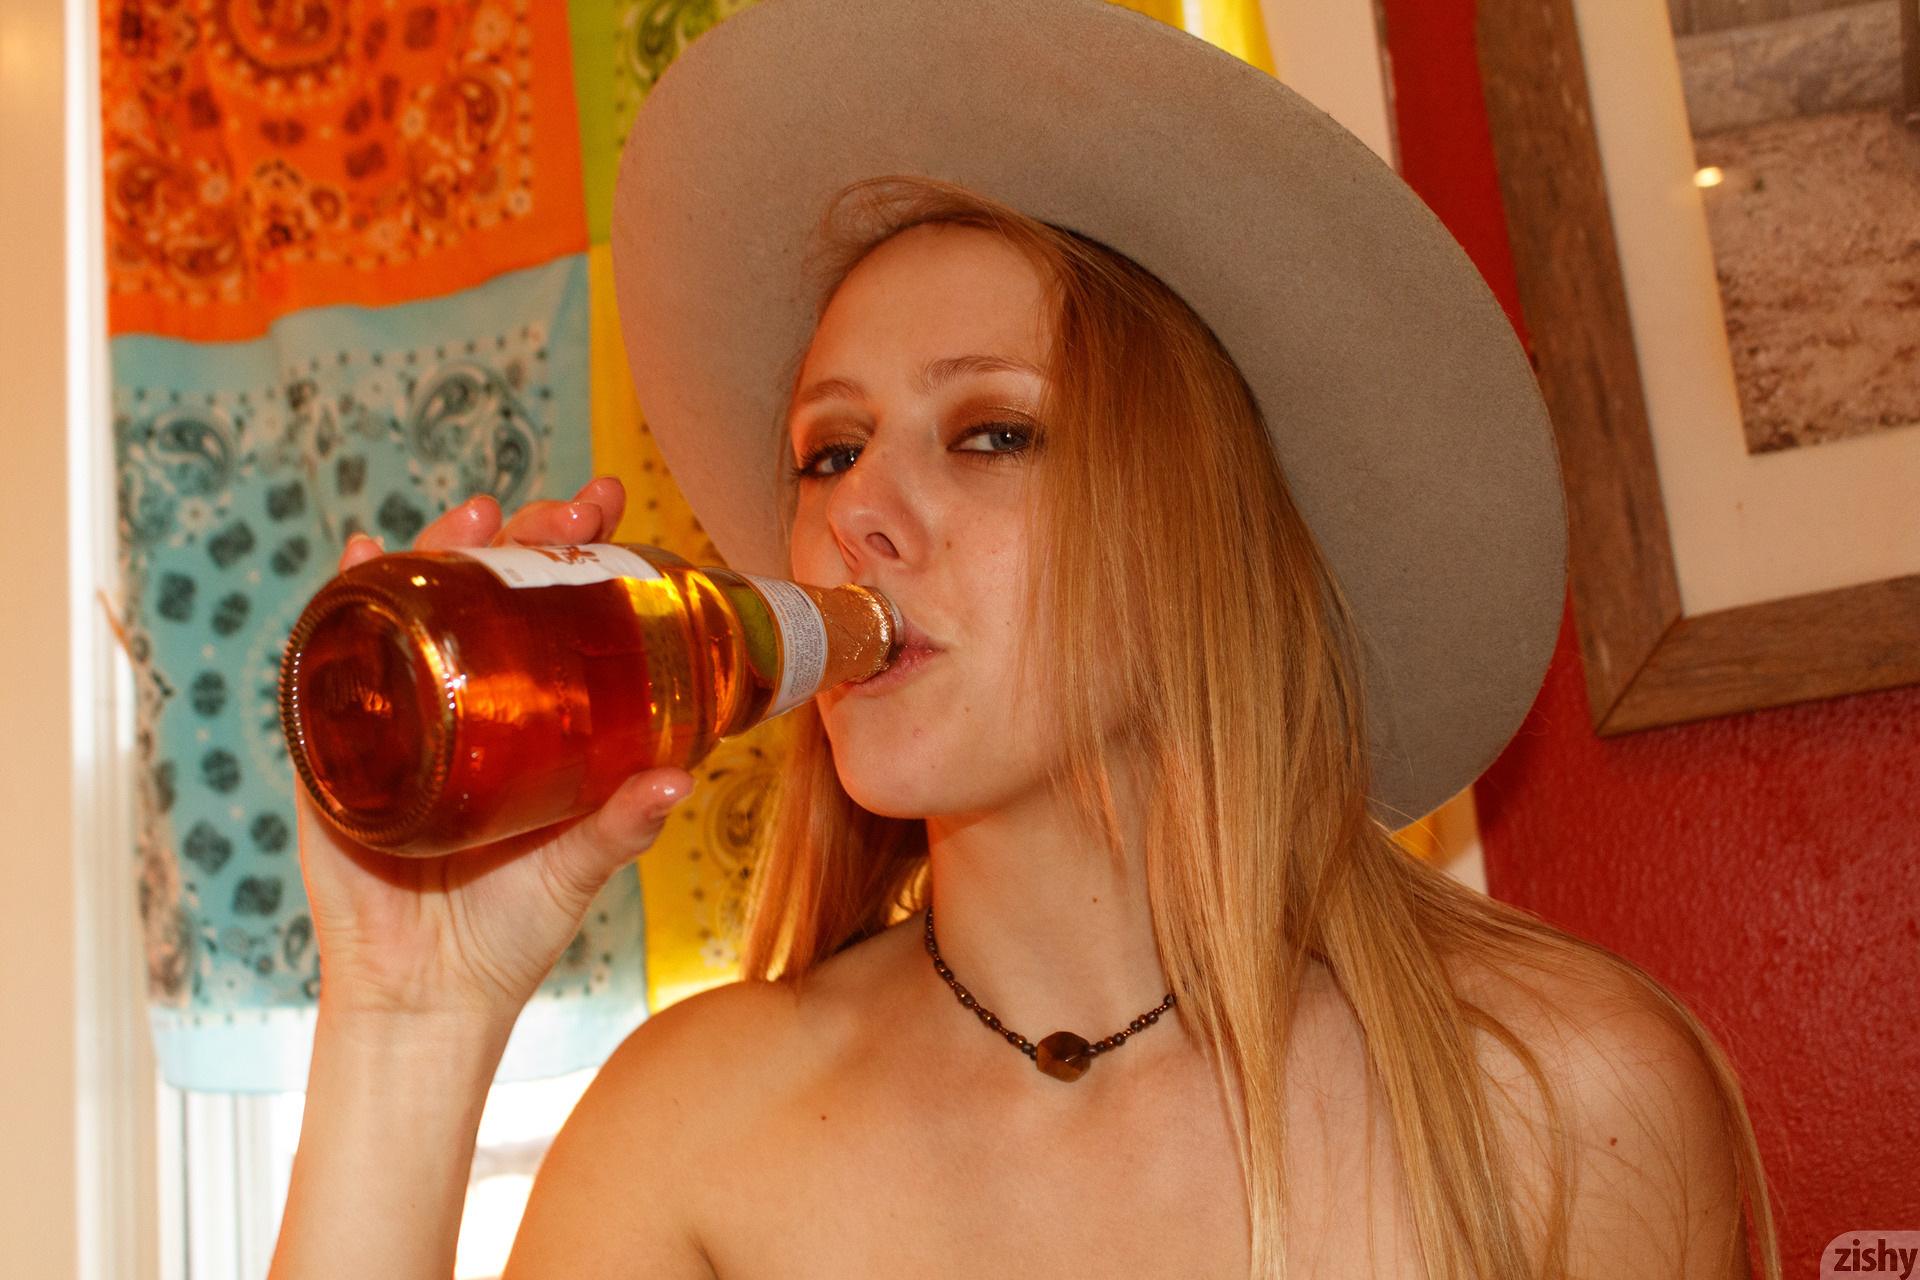 Helen Bergstrom Holy Guacamole Zishy (10)